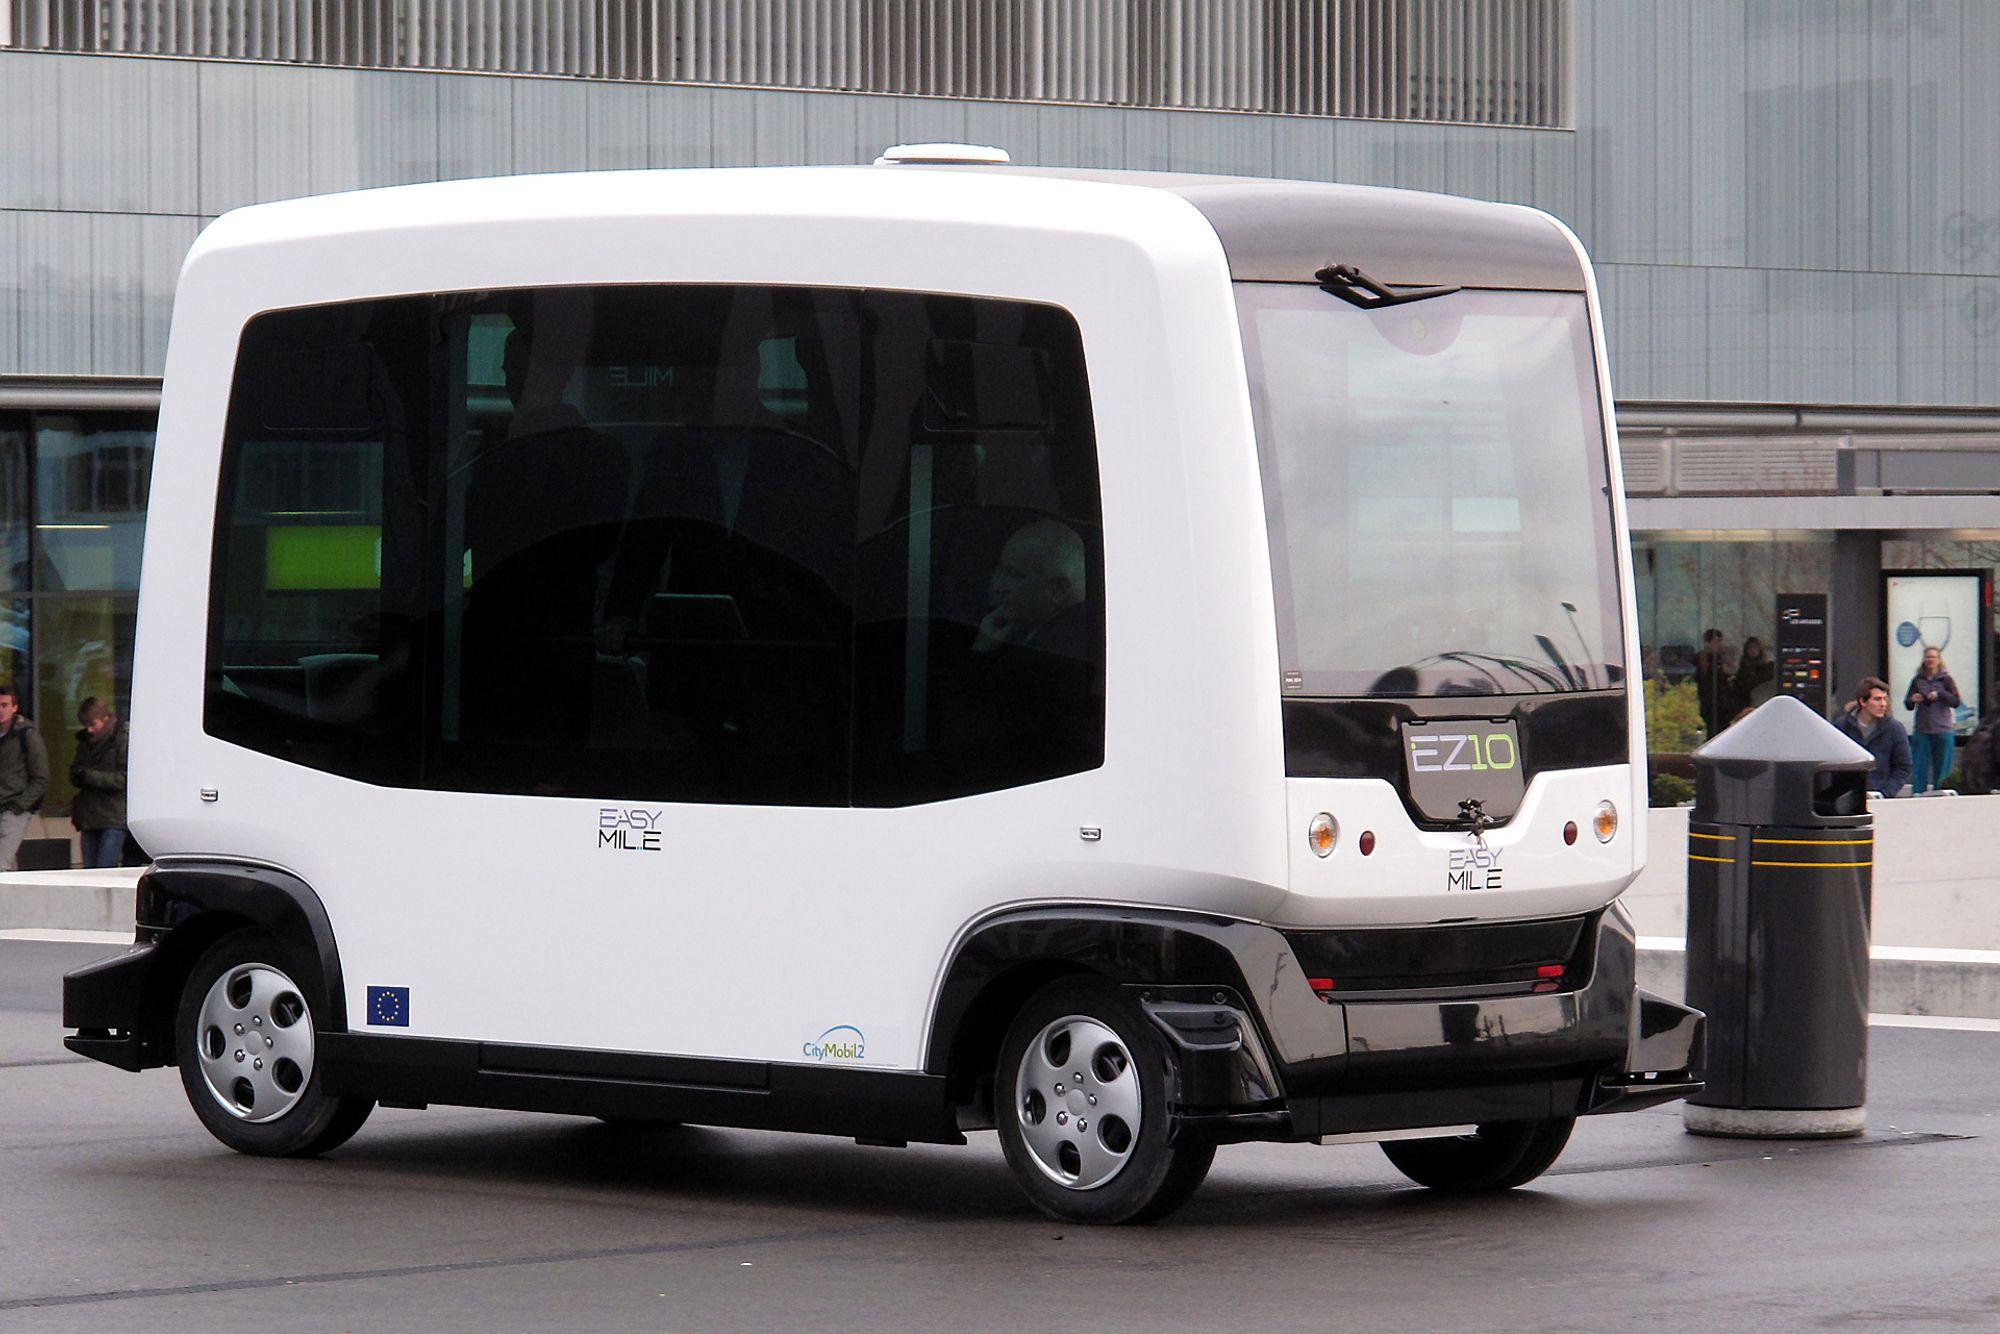 Neste år kan du møte på selvkjørende busser i Norge Tu.no